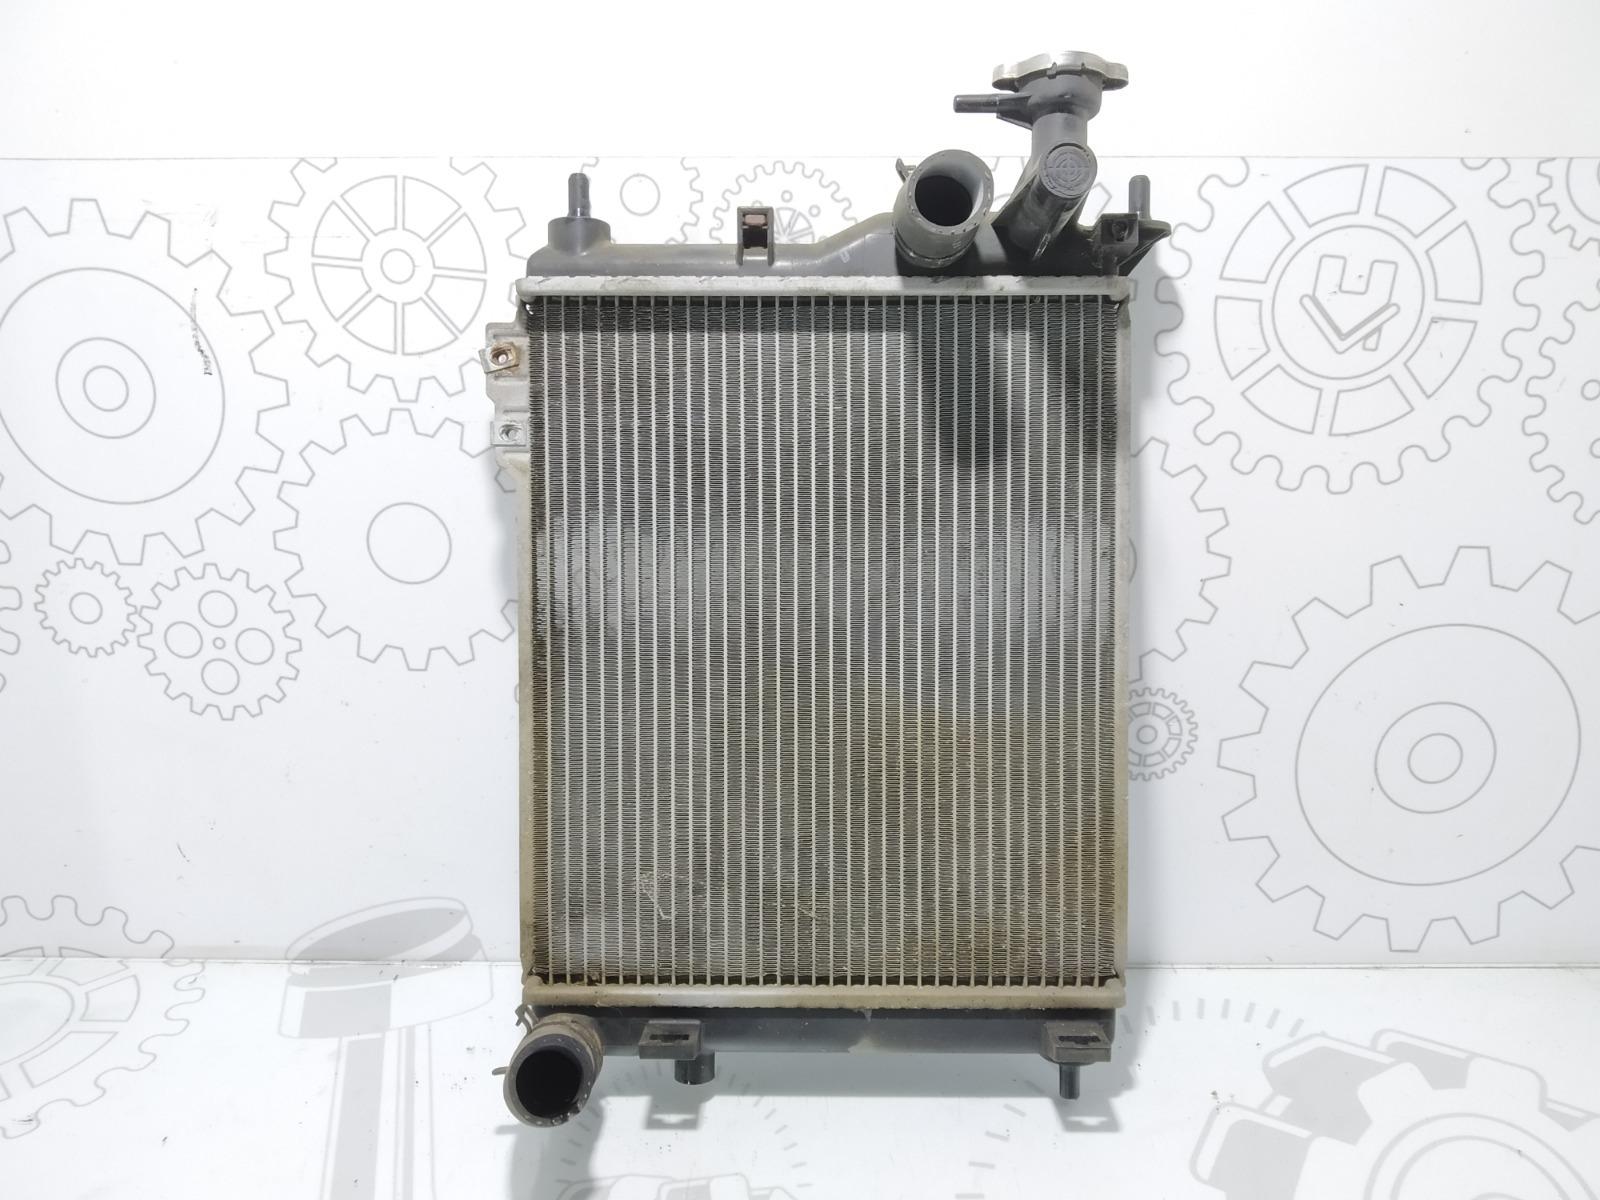 Радиатор (основной) Hyundai Getz 1.3 I 2004 (б/у)